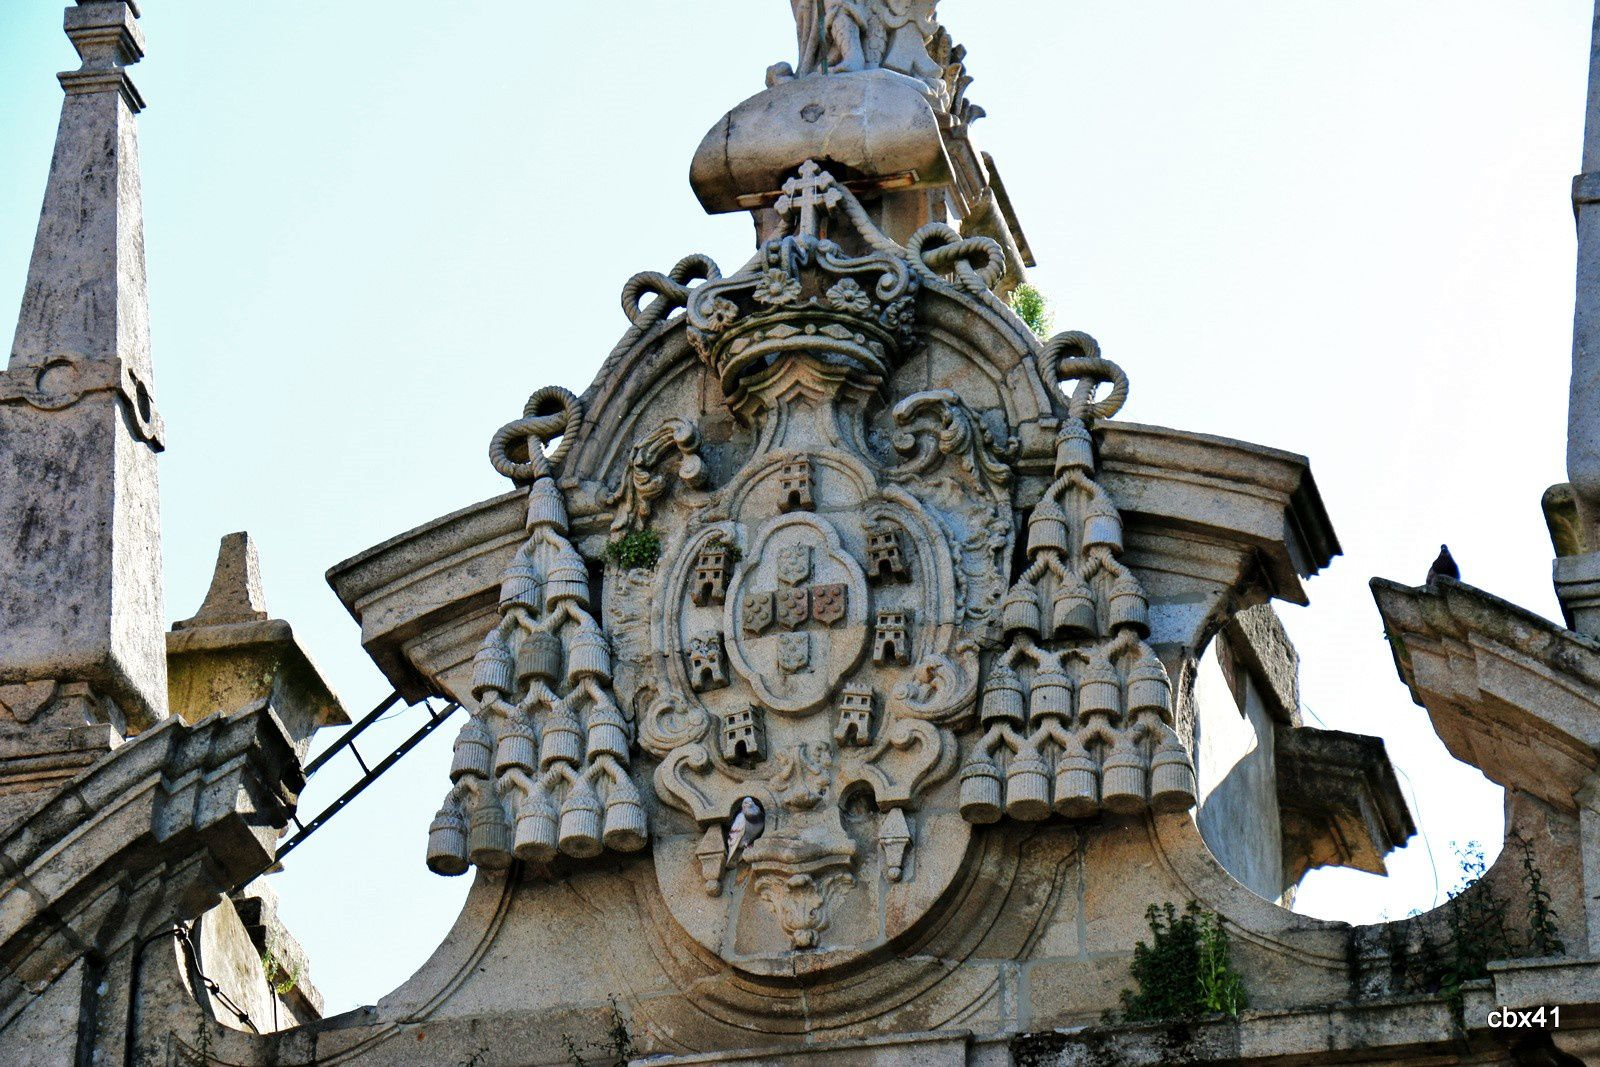 Porte d'entrée de la ville de Braga, Portugal